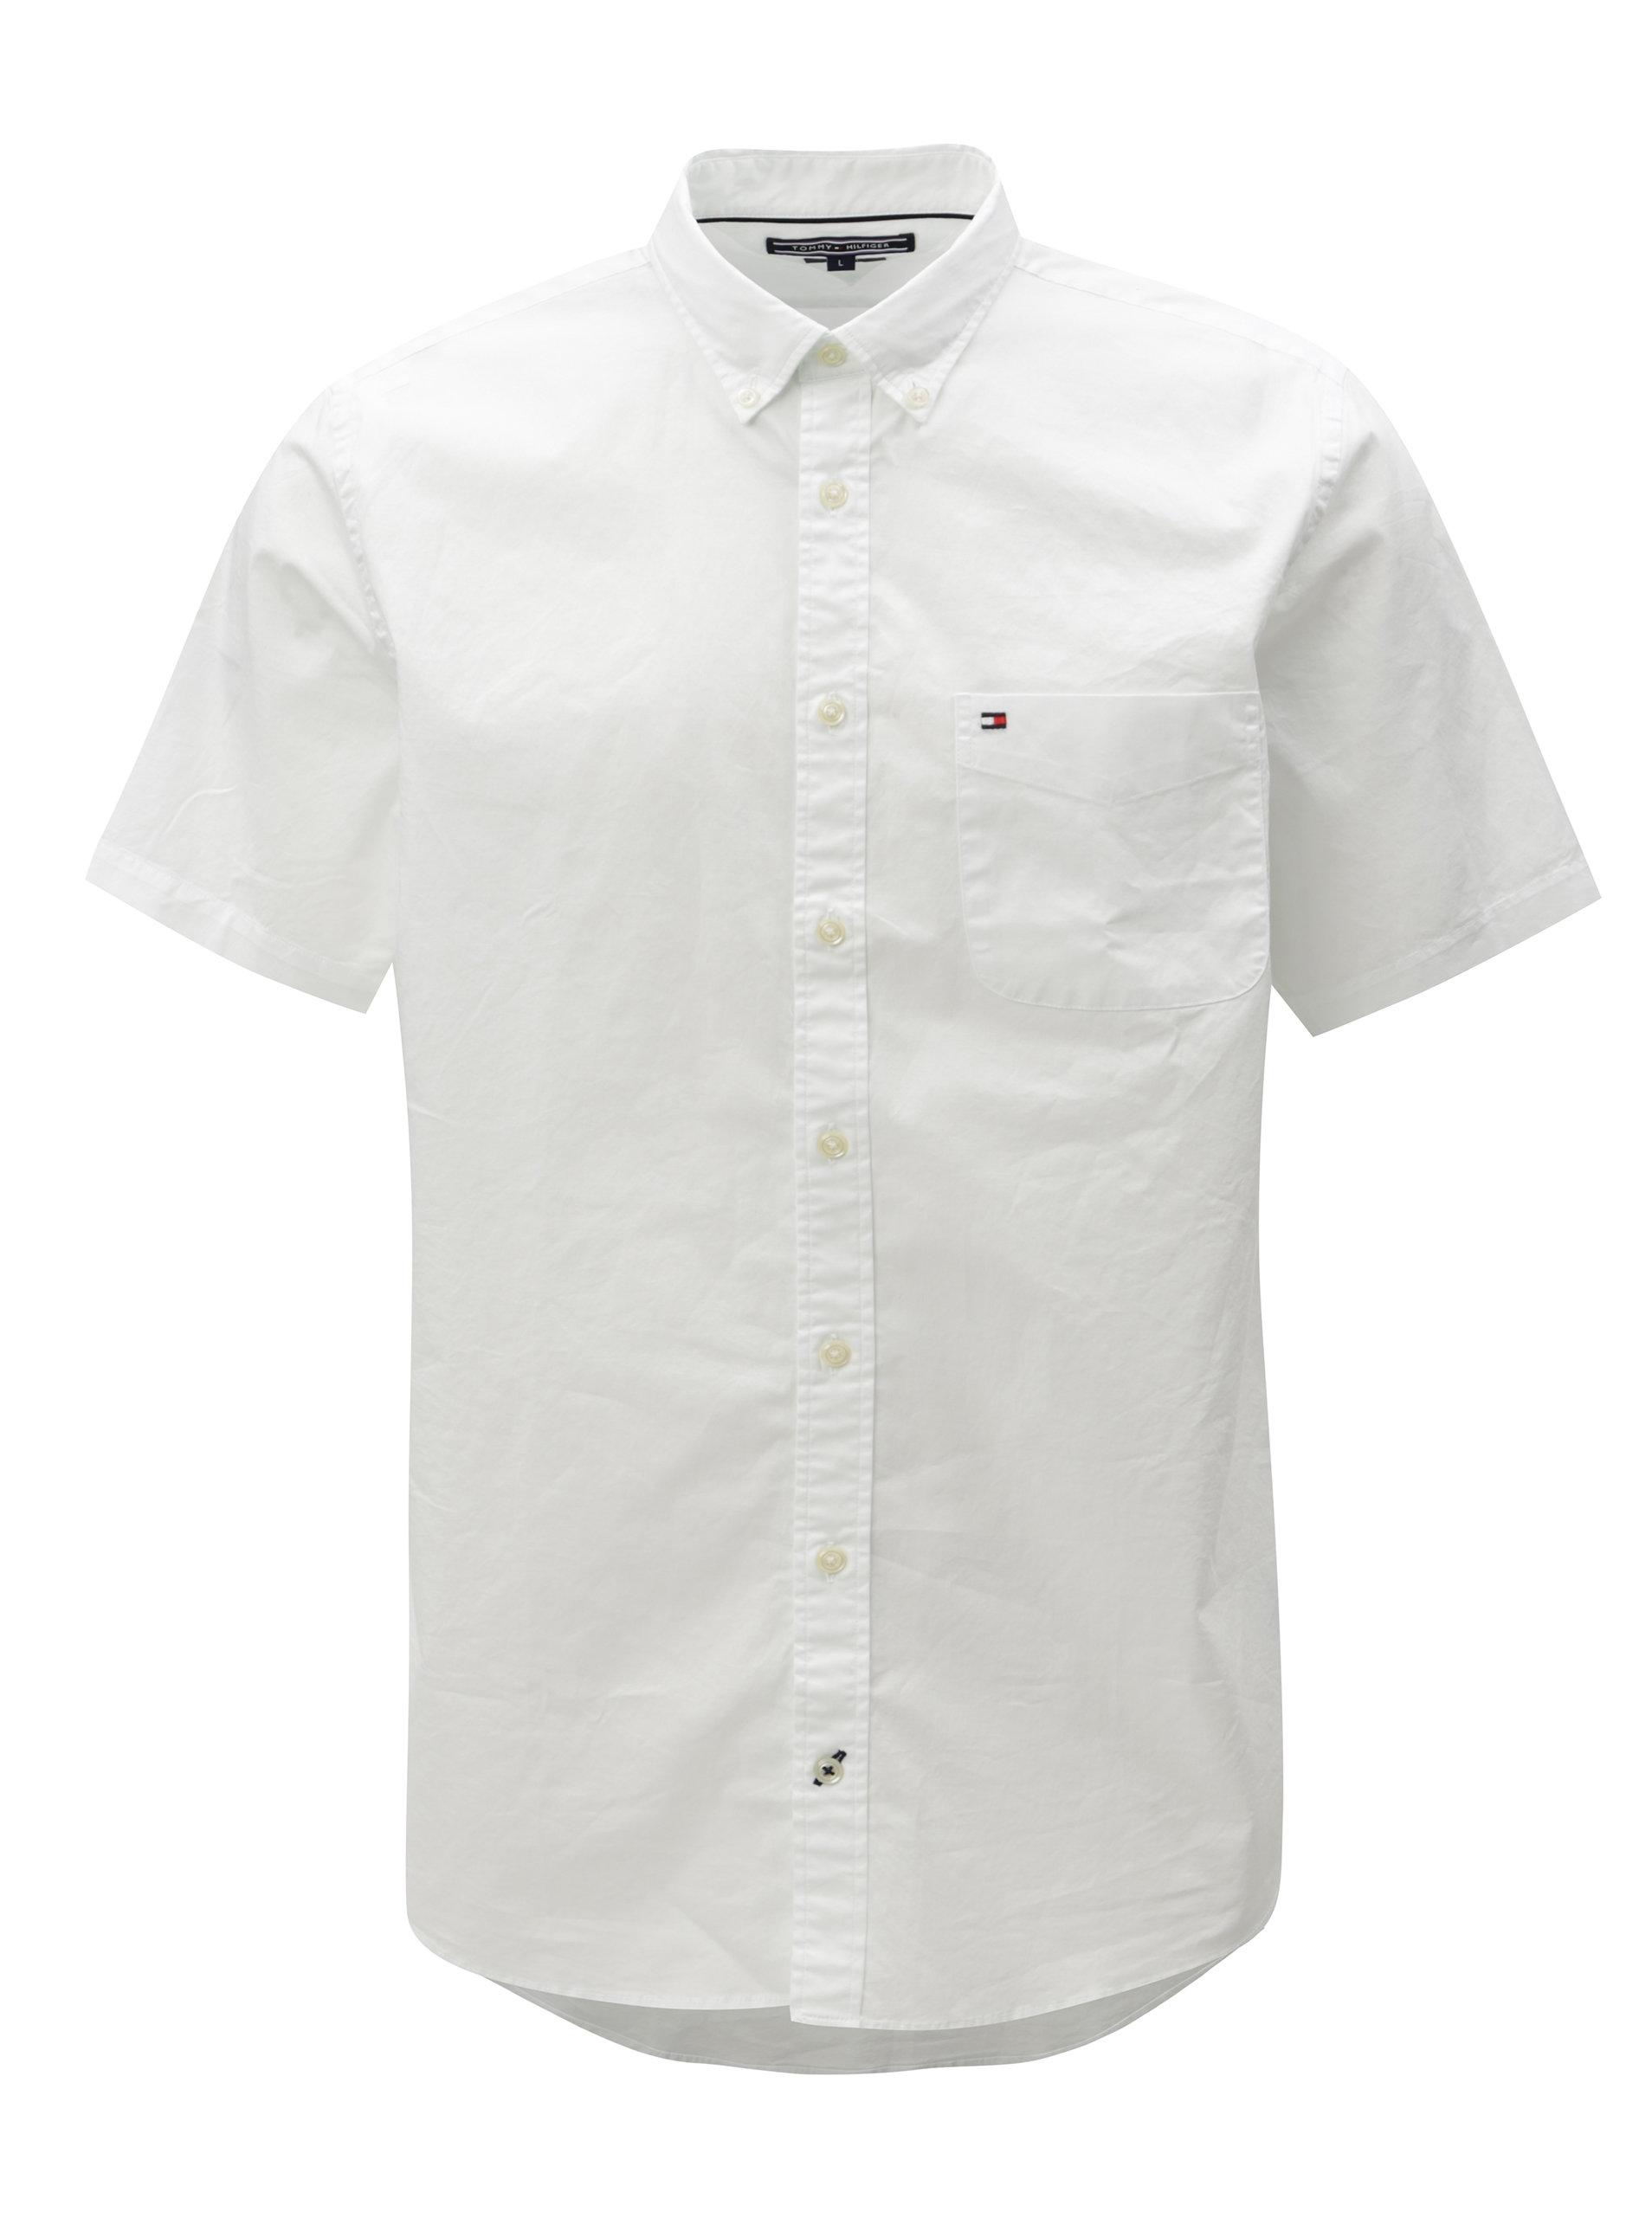 a8a52cfcde9e Biela pánska košeľa s krátkym rukávom Tommy Hilfiger ...